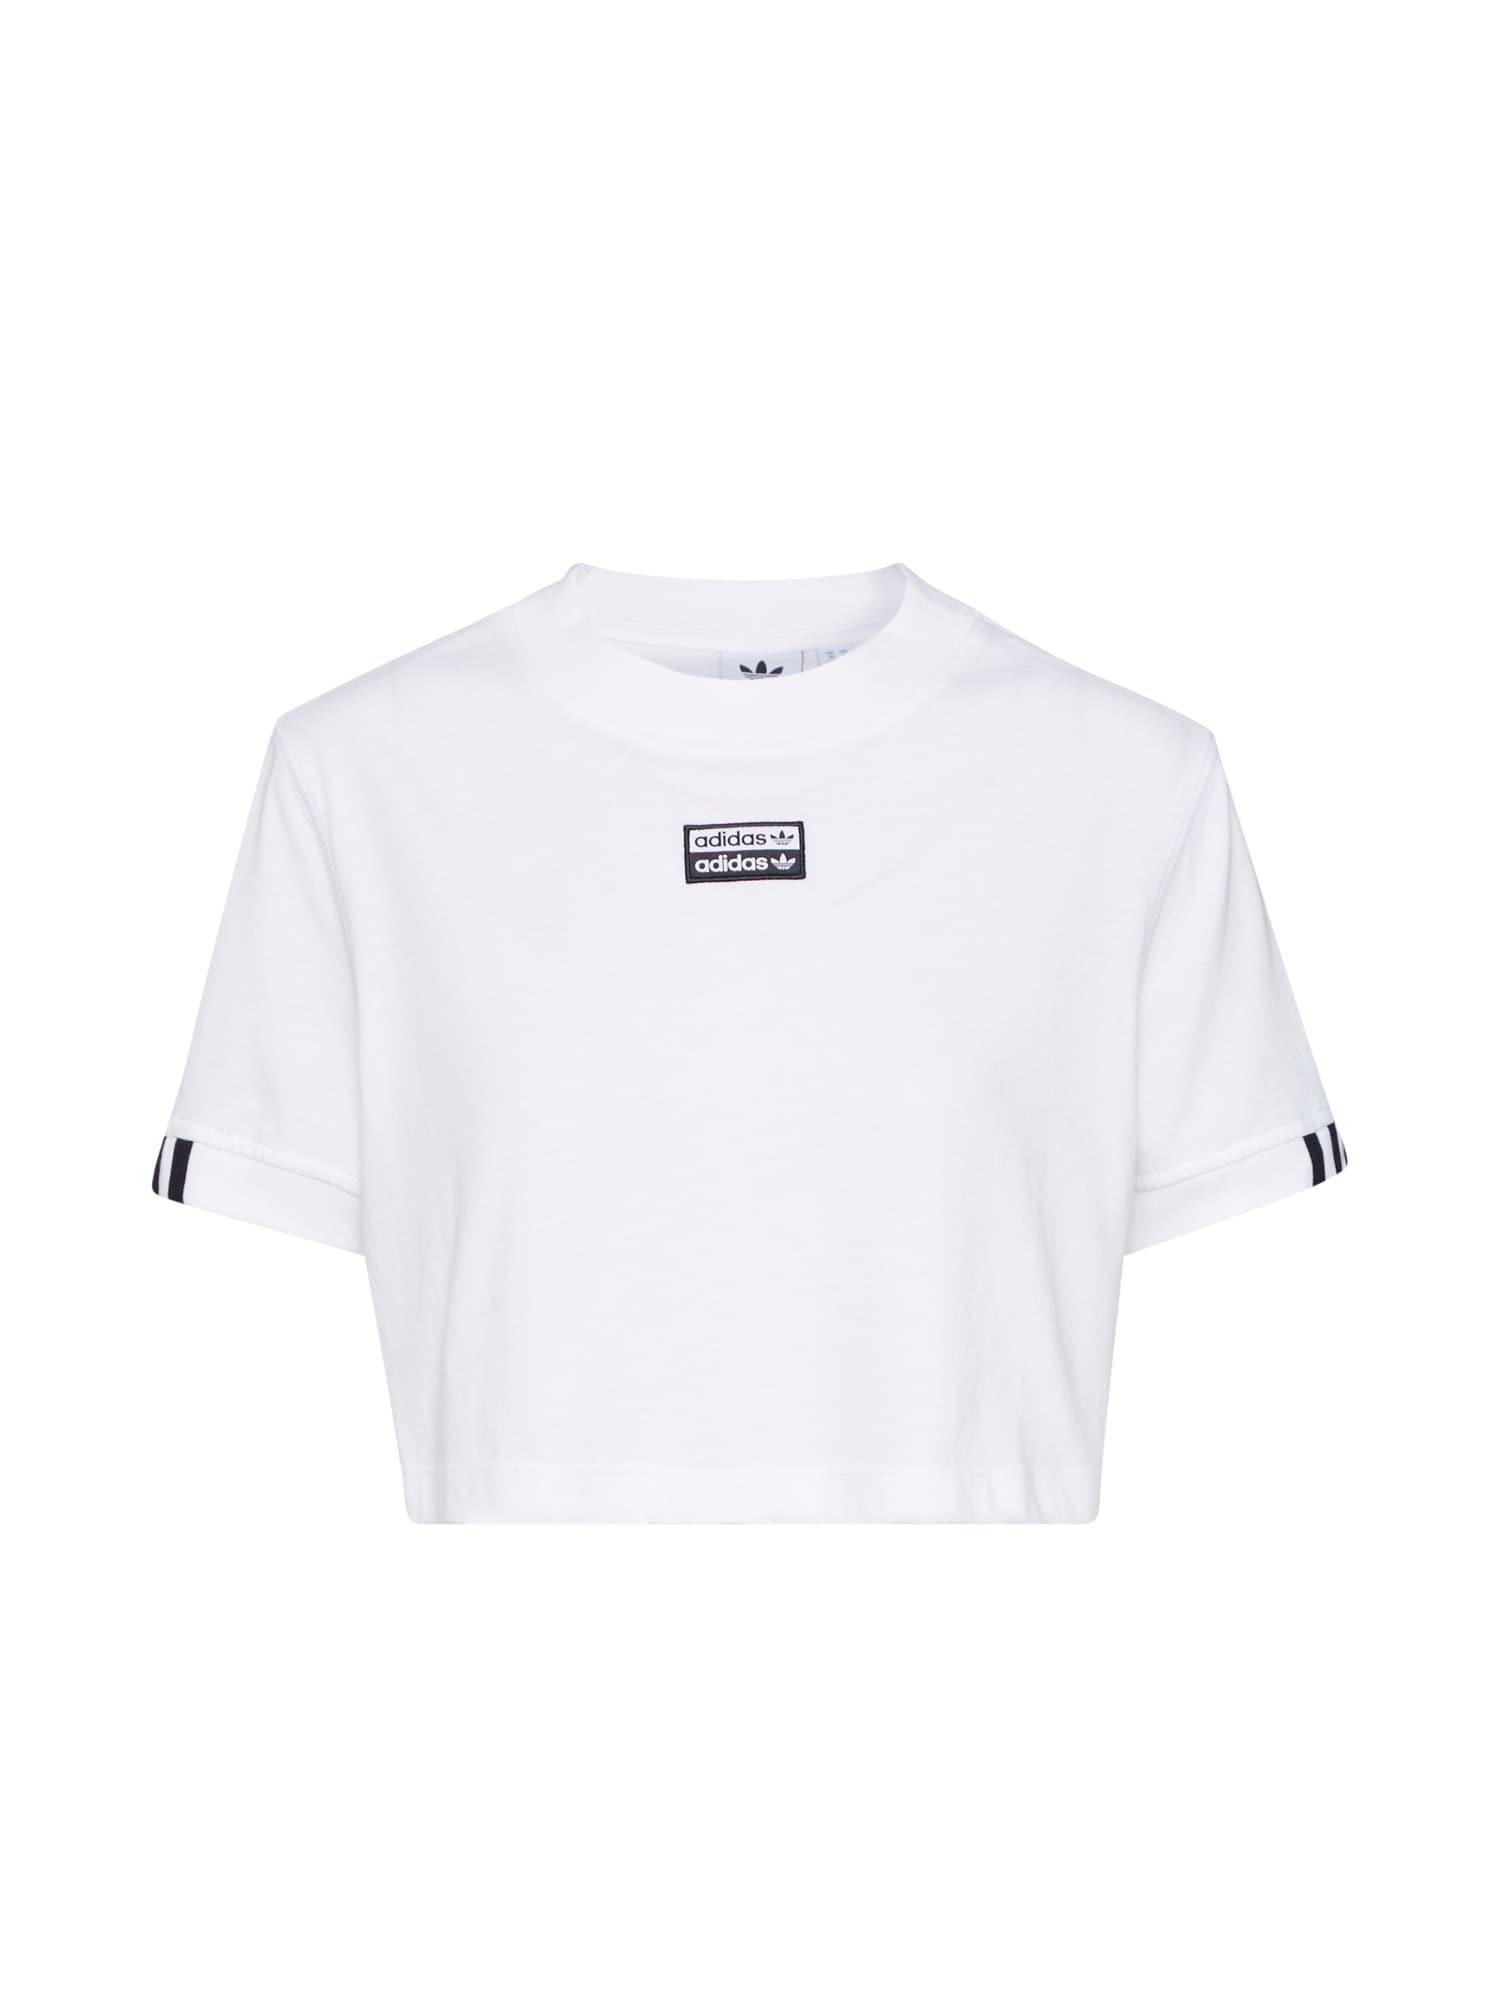 ADIDAS ORIGINALS Marškinėliai 'TEE CROPPED' balta